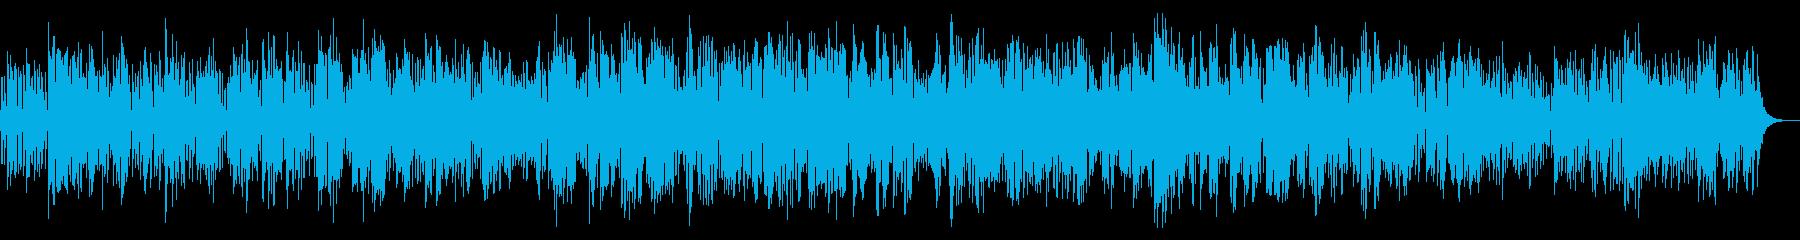 陽気で明るいクラリネットジャズの再生済みの波形